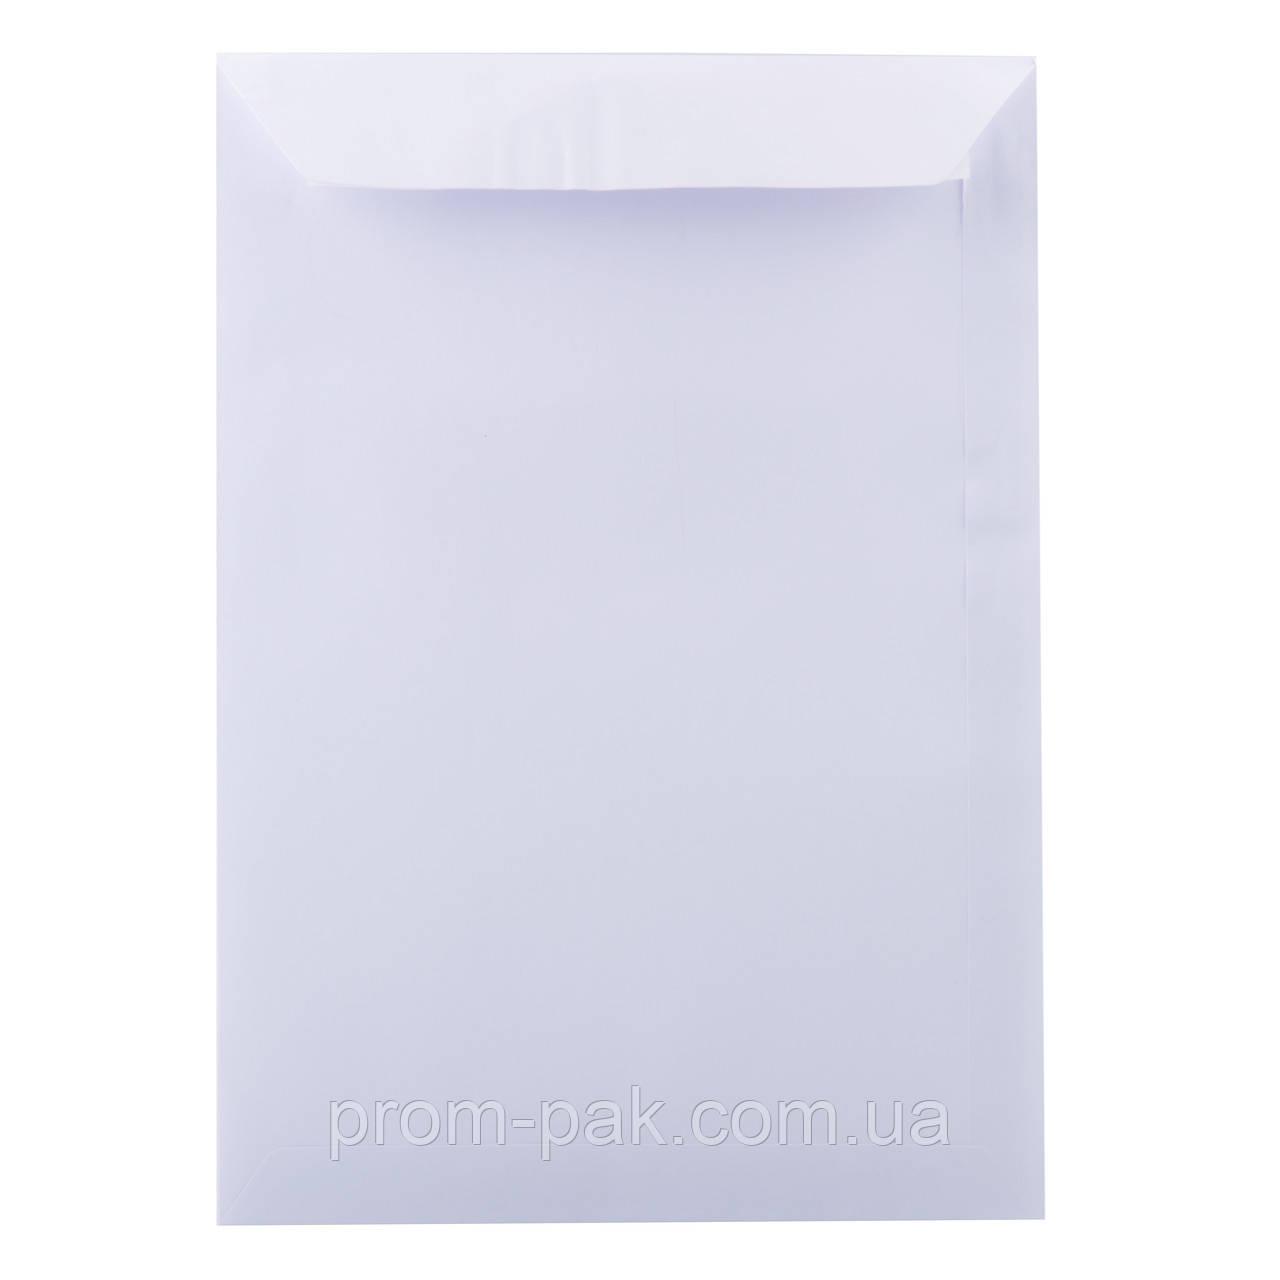 Конверт из бумаги С4 ОЛ